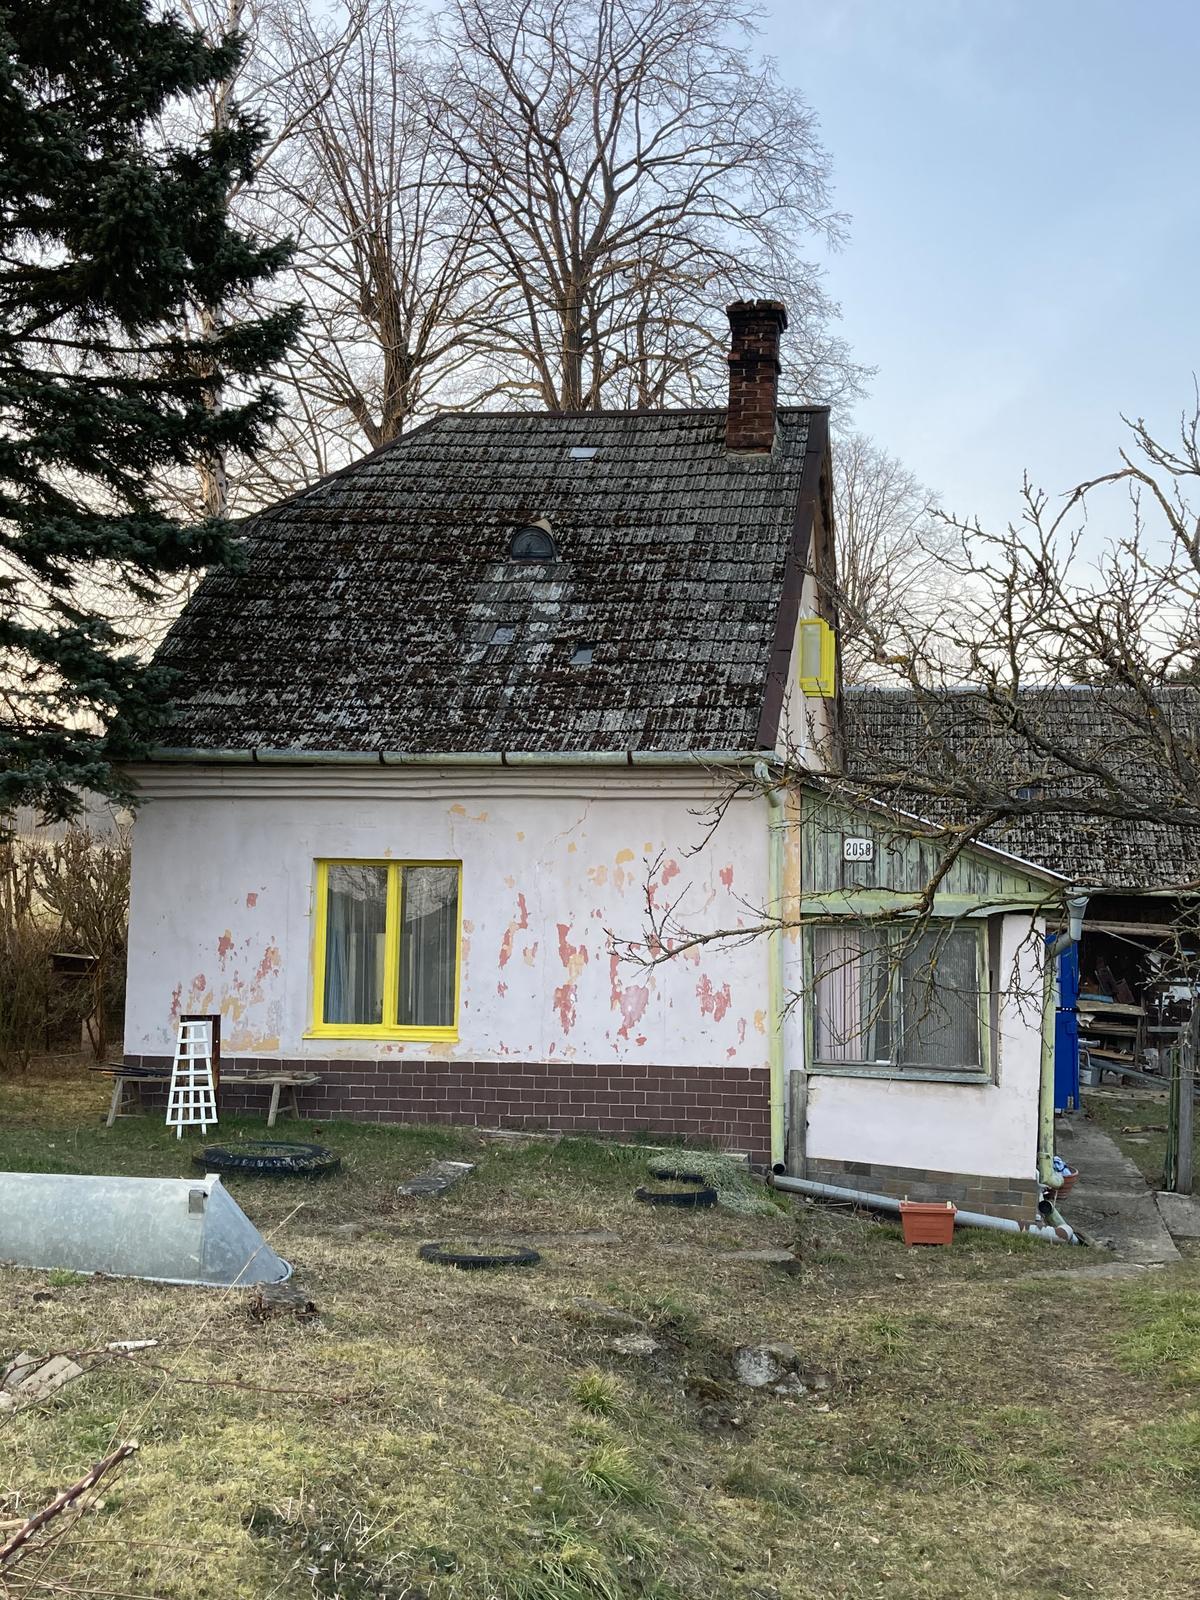 Dom - ešte musím vybúrať toto okno vpravo, natrieť ten vrch a dať tam nejaké krajšie číslo domu :)